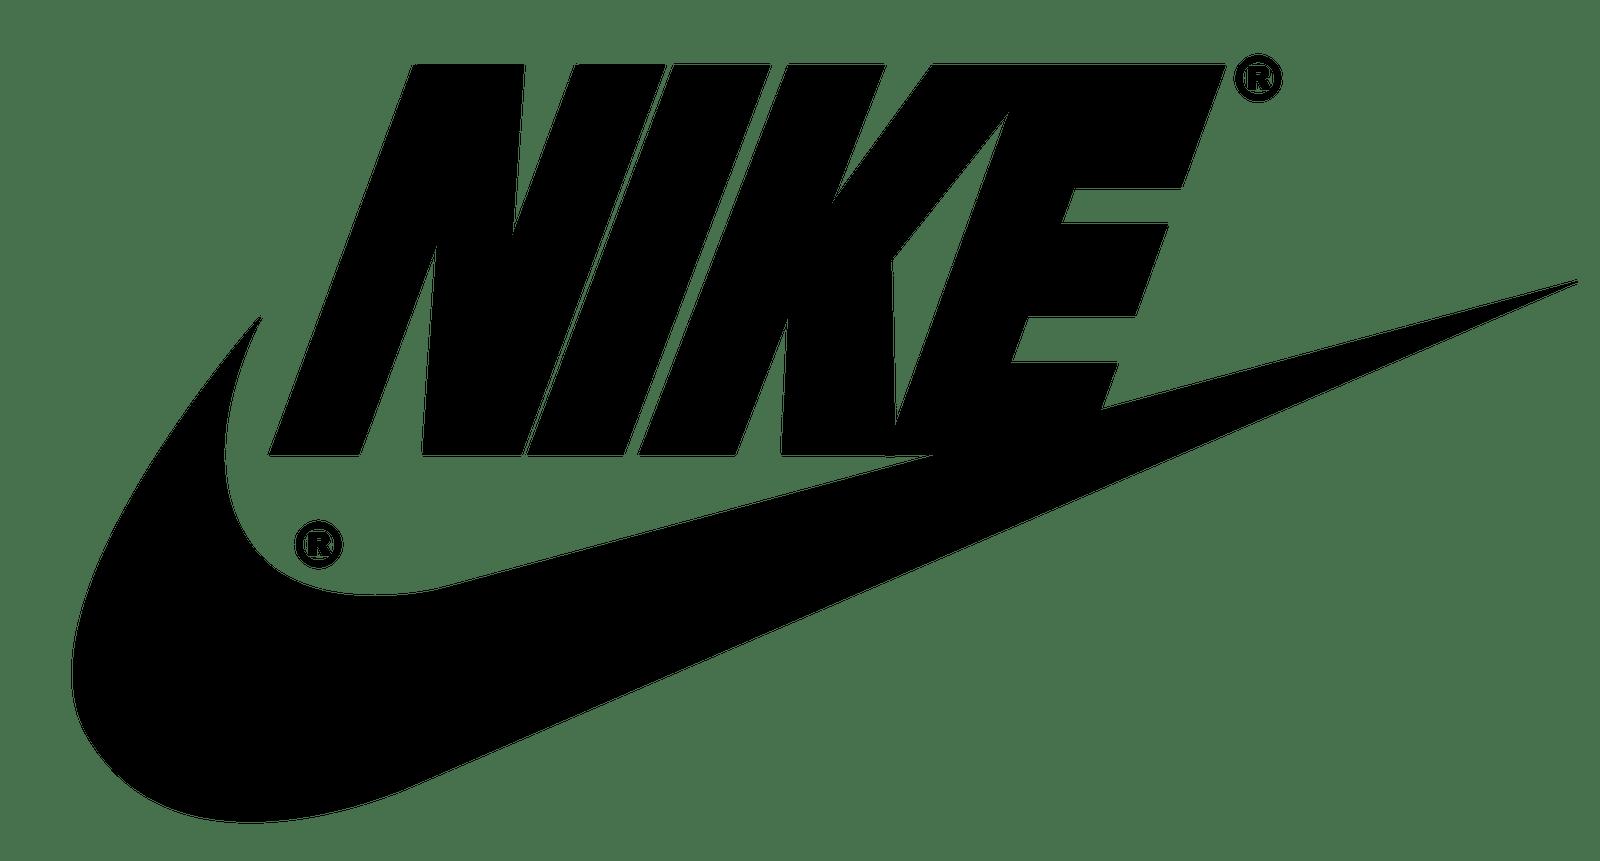 Shoe Brand Logos Bing Images Logo Image.